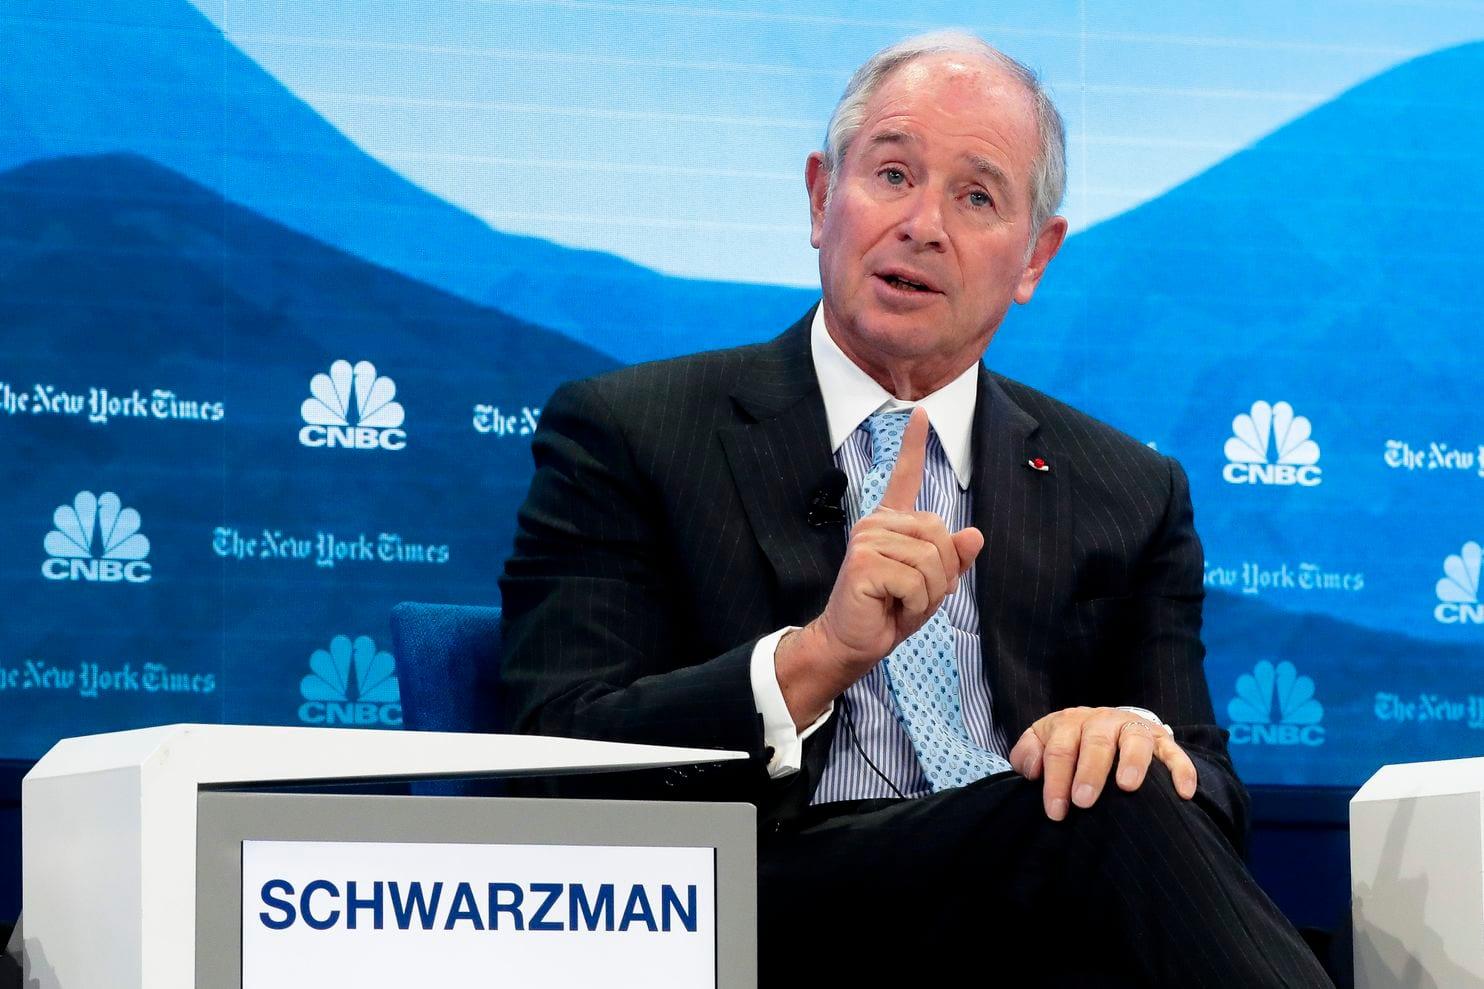 黑石集团(Blackstone)创办人兼行政总裁施瓦茨曼。图片